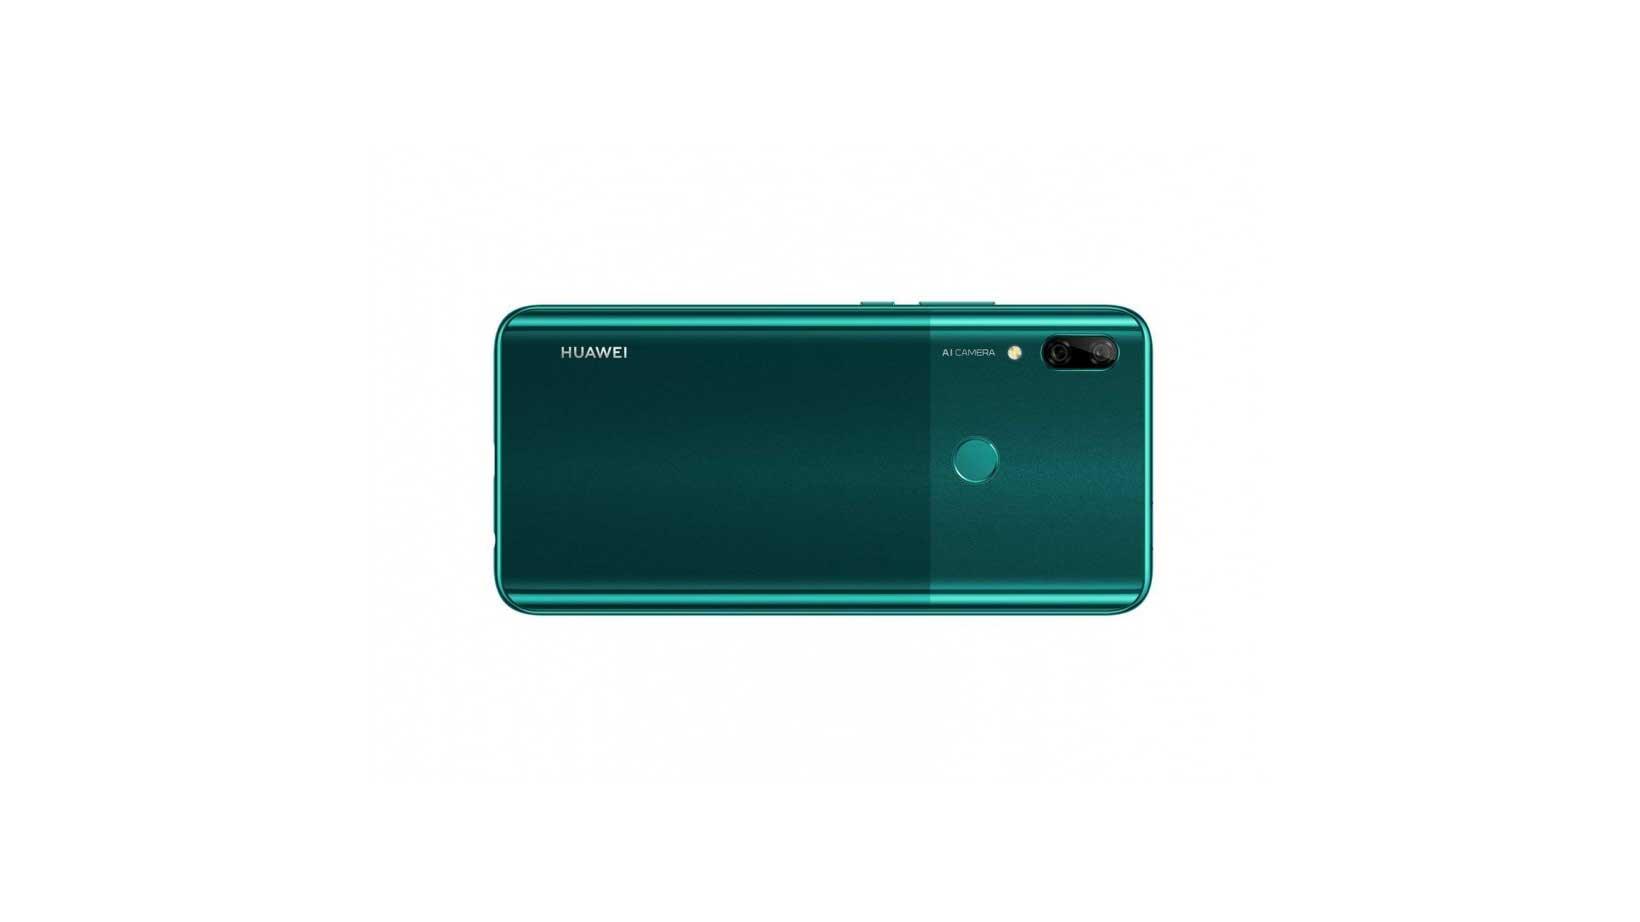 قیمت هواوی پی اسمارت زد (Huawei P Smart Z) توسط آمازون ایتالیا لو رفت